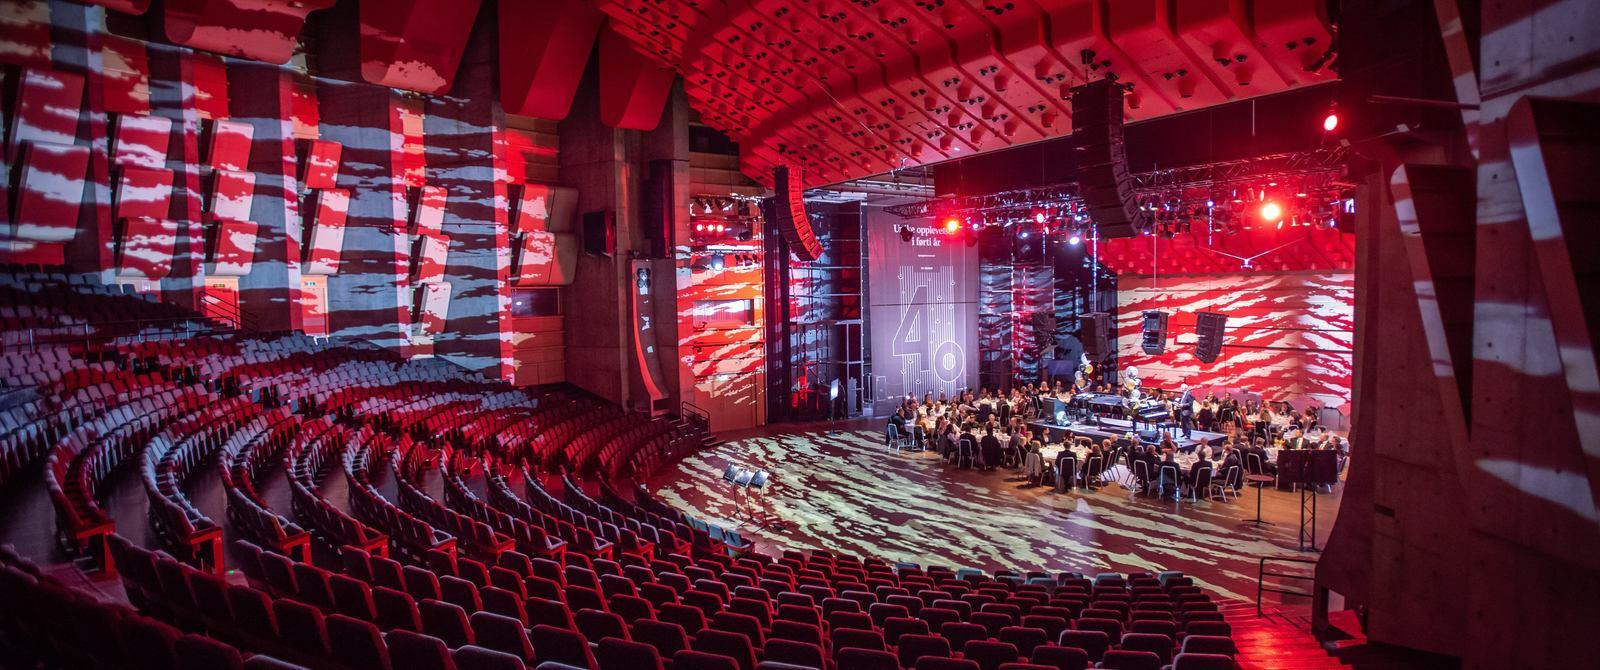 Scenen i Griegsalen